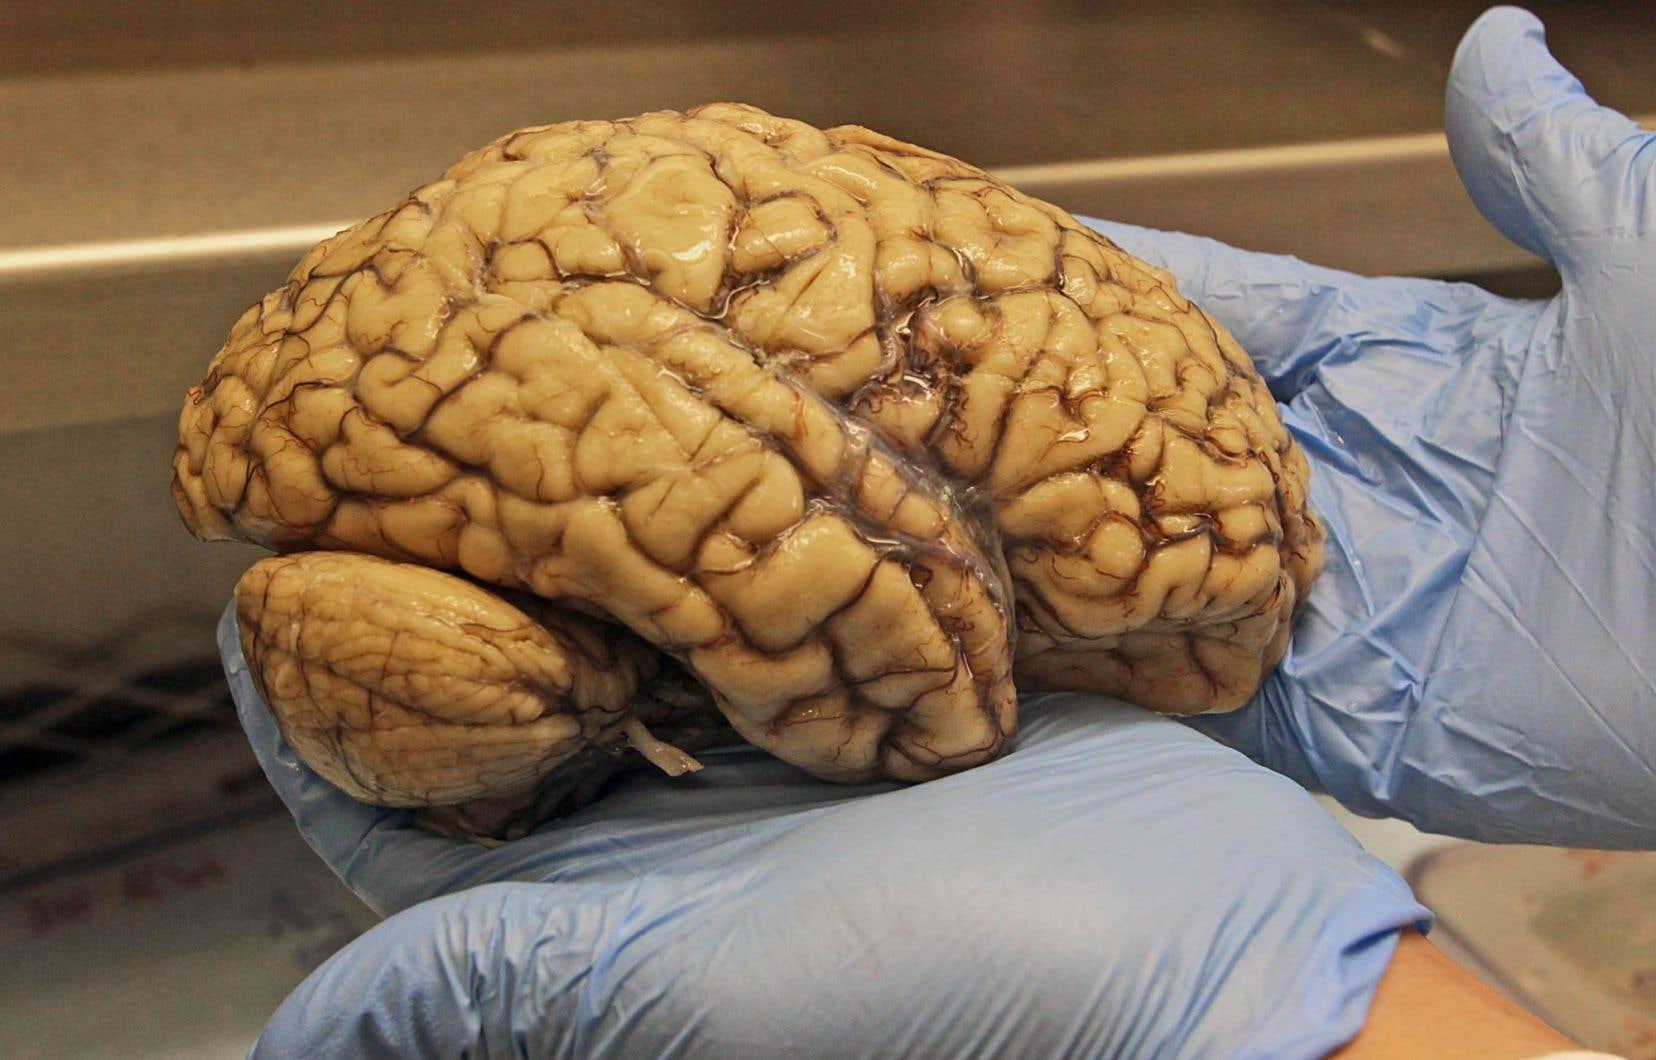 Les neuroscientifiques ont longtemps jugé le cerveau incapable de régénérer, à la différence d'organes tels que le foie ou les os.